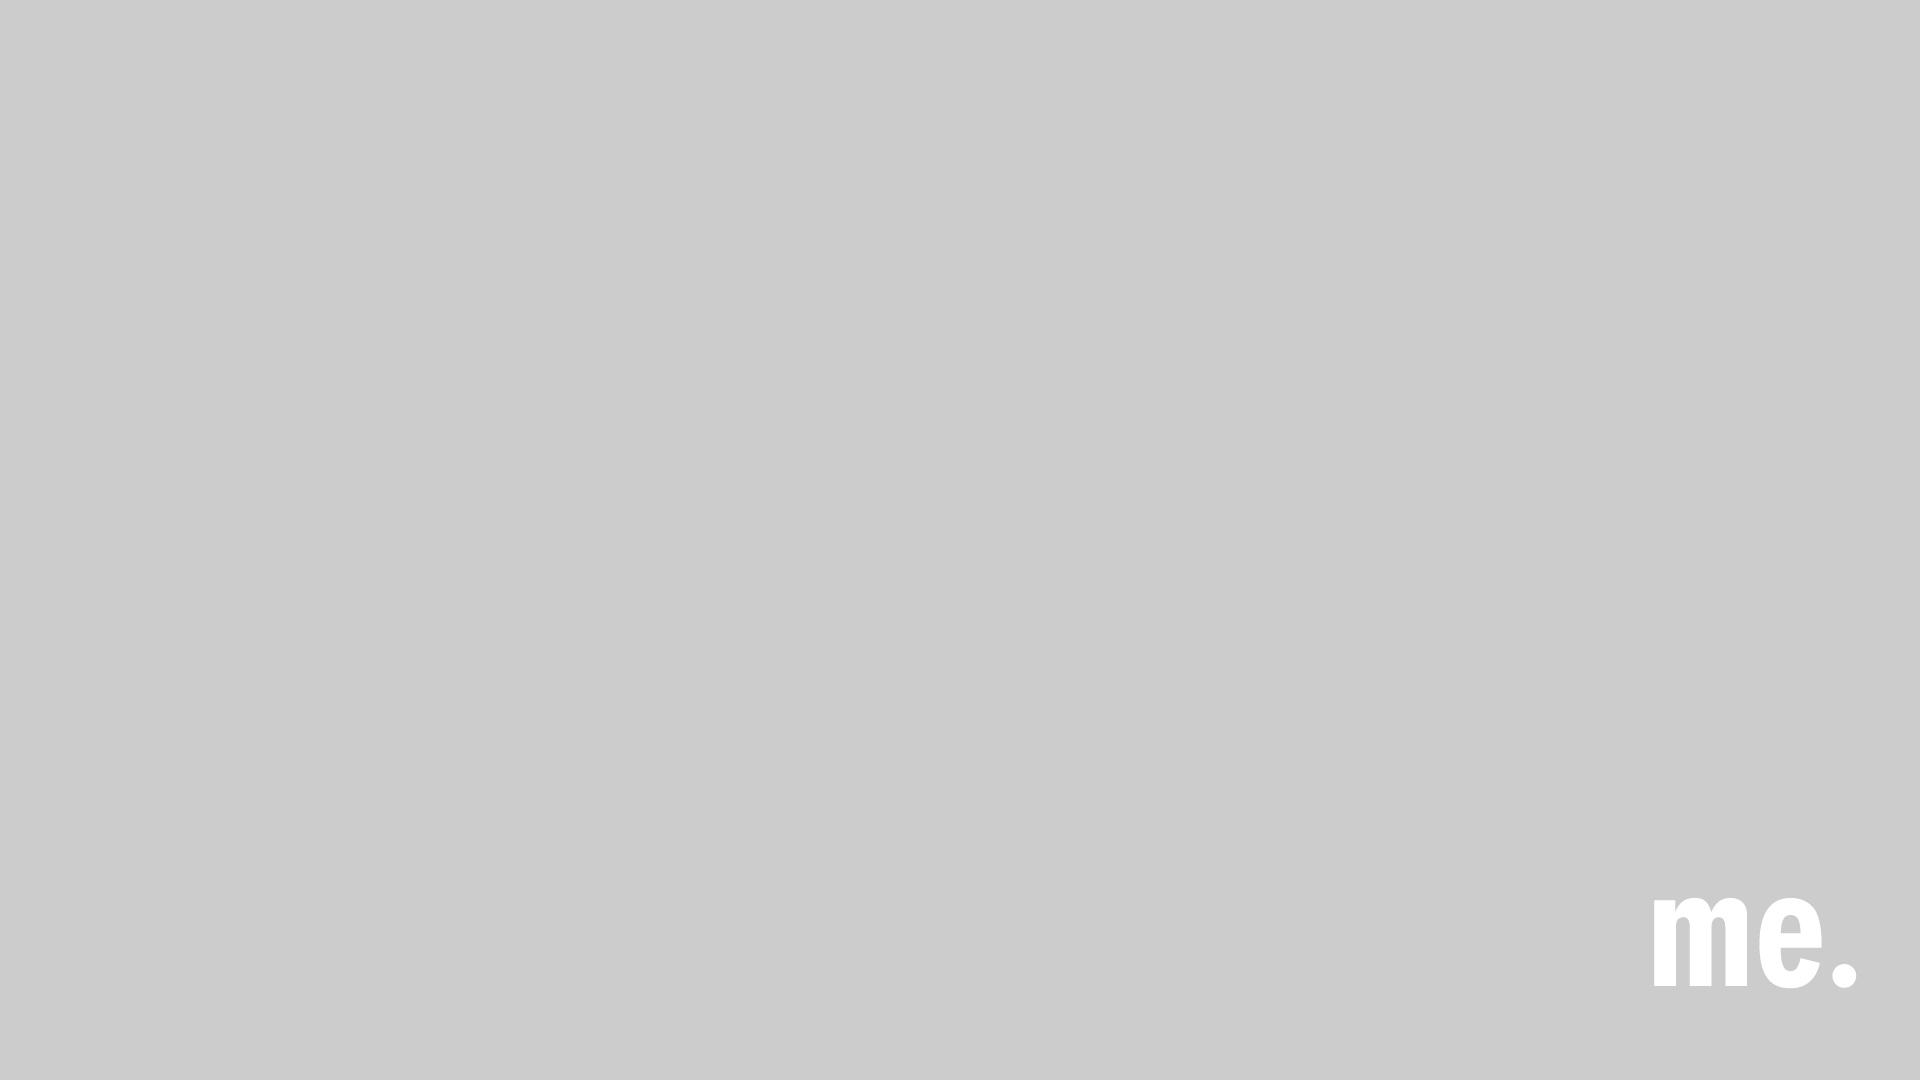 Yound Fathers haben den Mercury Prize 2014 für ihr Album DEAD gewonnen